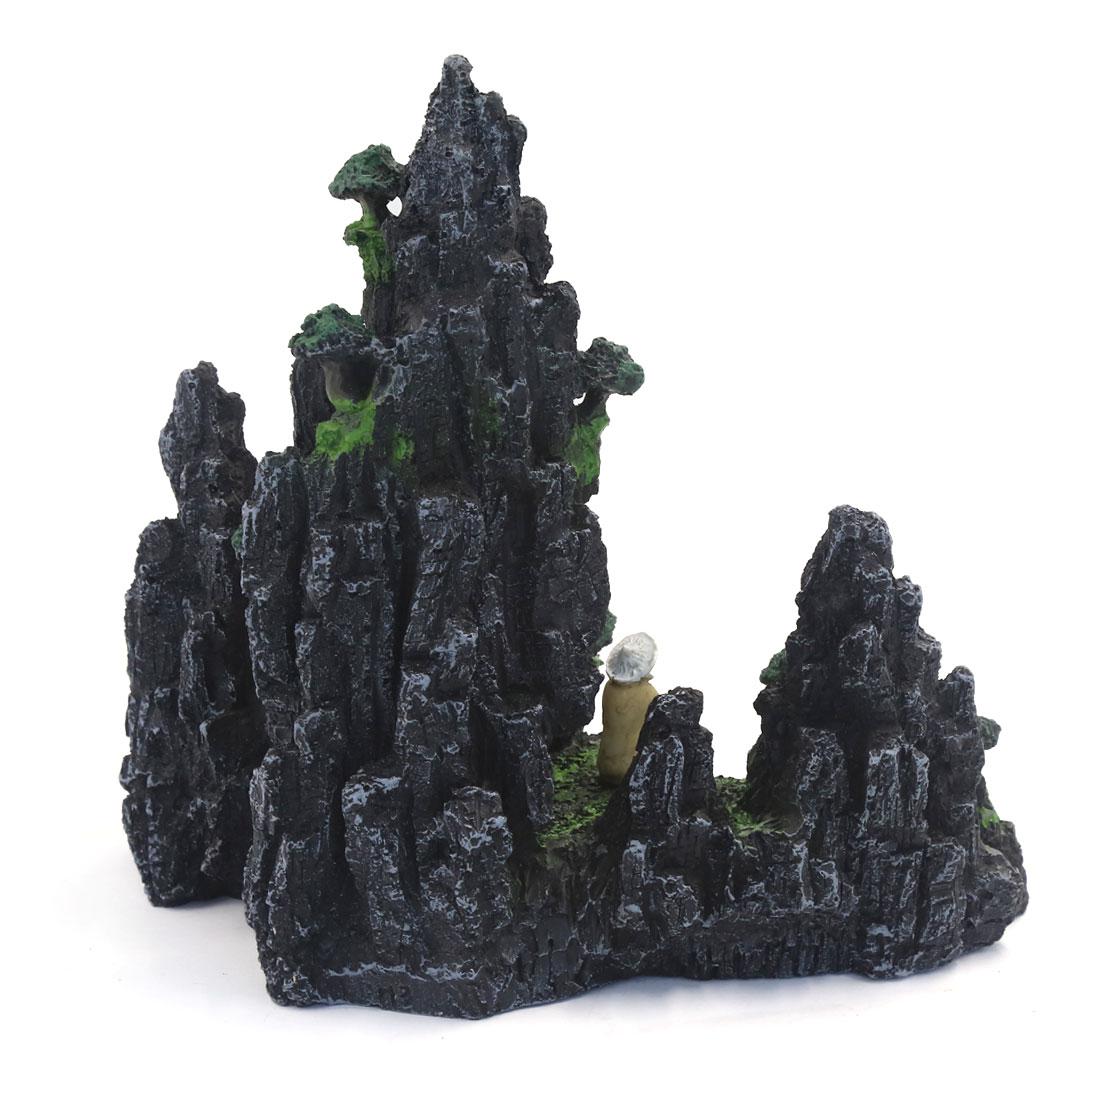 24x14x30cm Colline de rocaille de récif artificielle Décoration d'aquarium 2